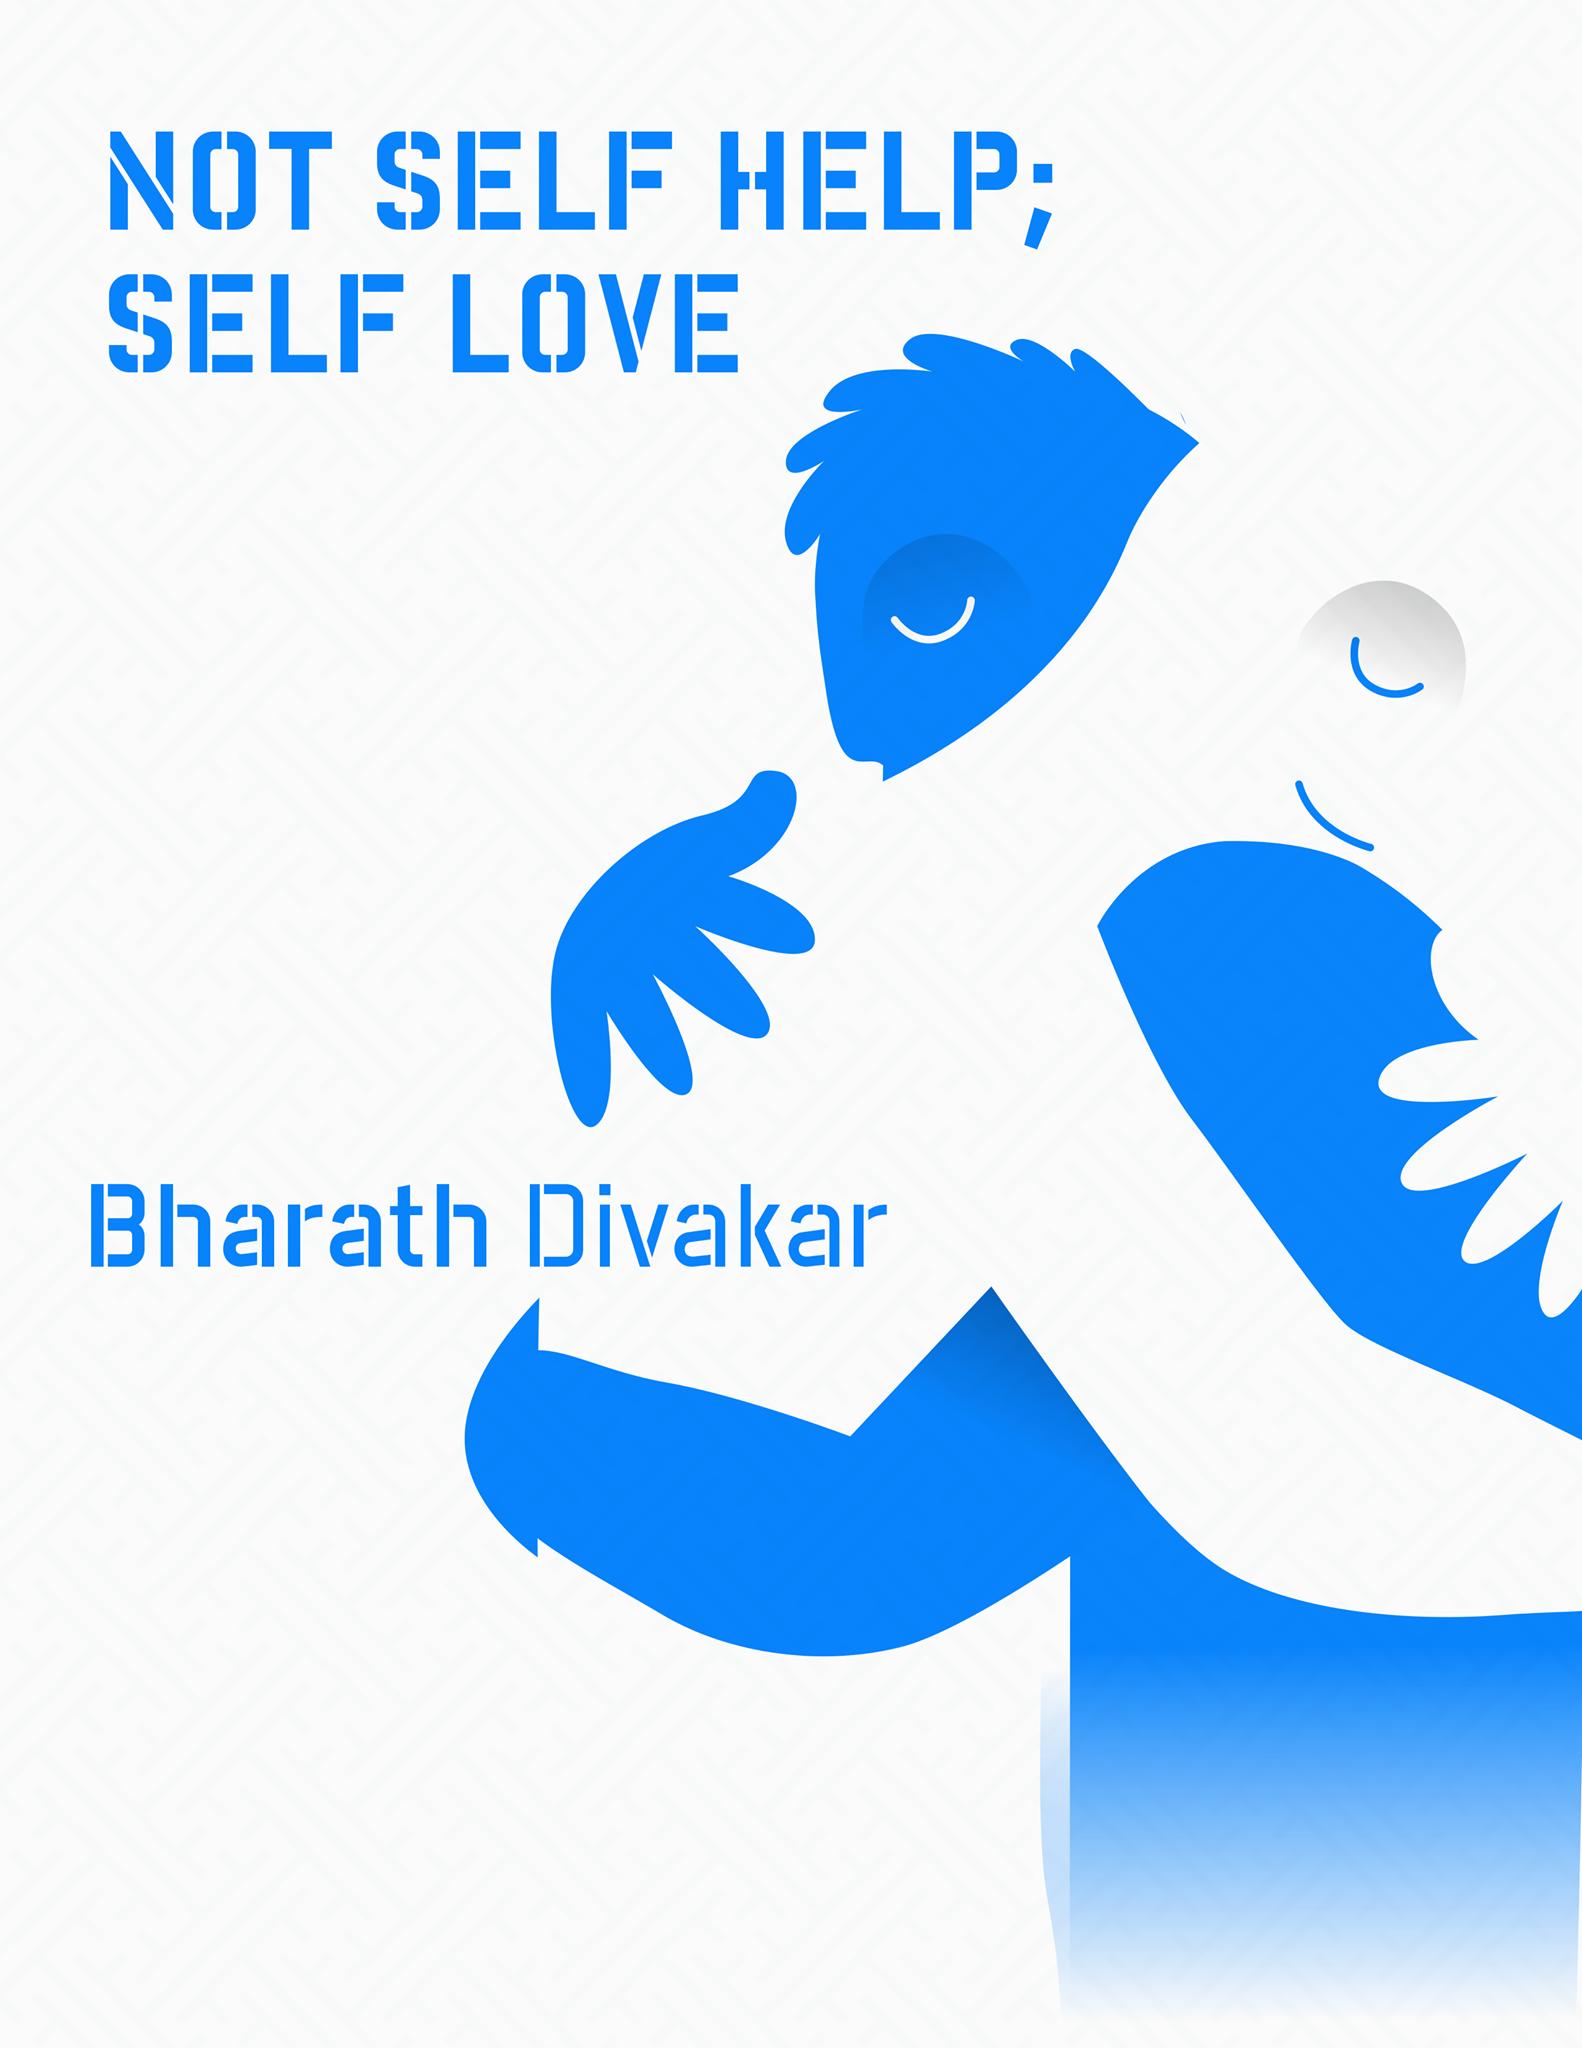 Bharath Divakar